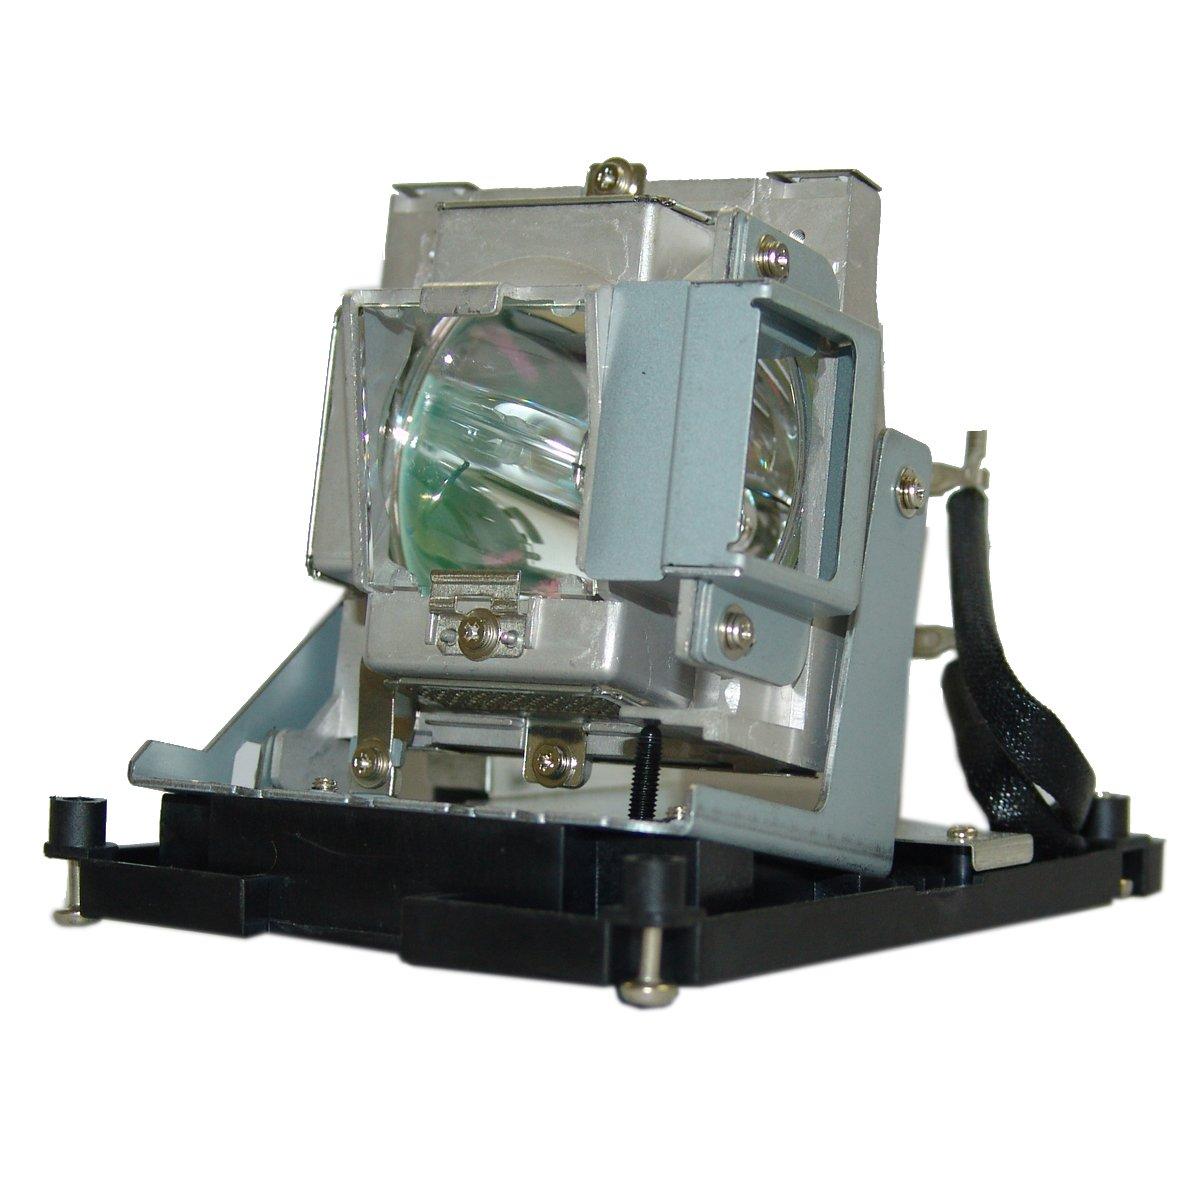 オリジナル Osram プロジェクター交換用ランプ Vivitek 5811116885-SU用 Platinum (Brighter/Durable) Platinum (Brighter/Durable) Lamp with Housing B07KTLPFYD